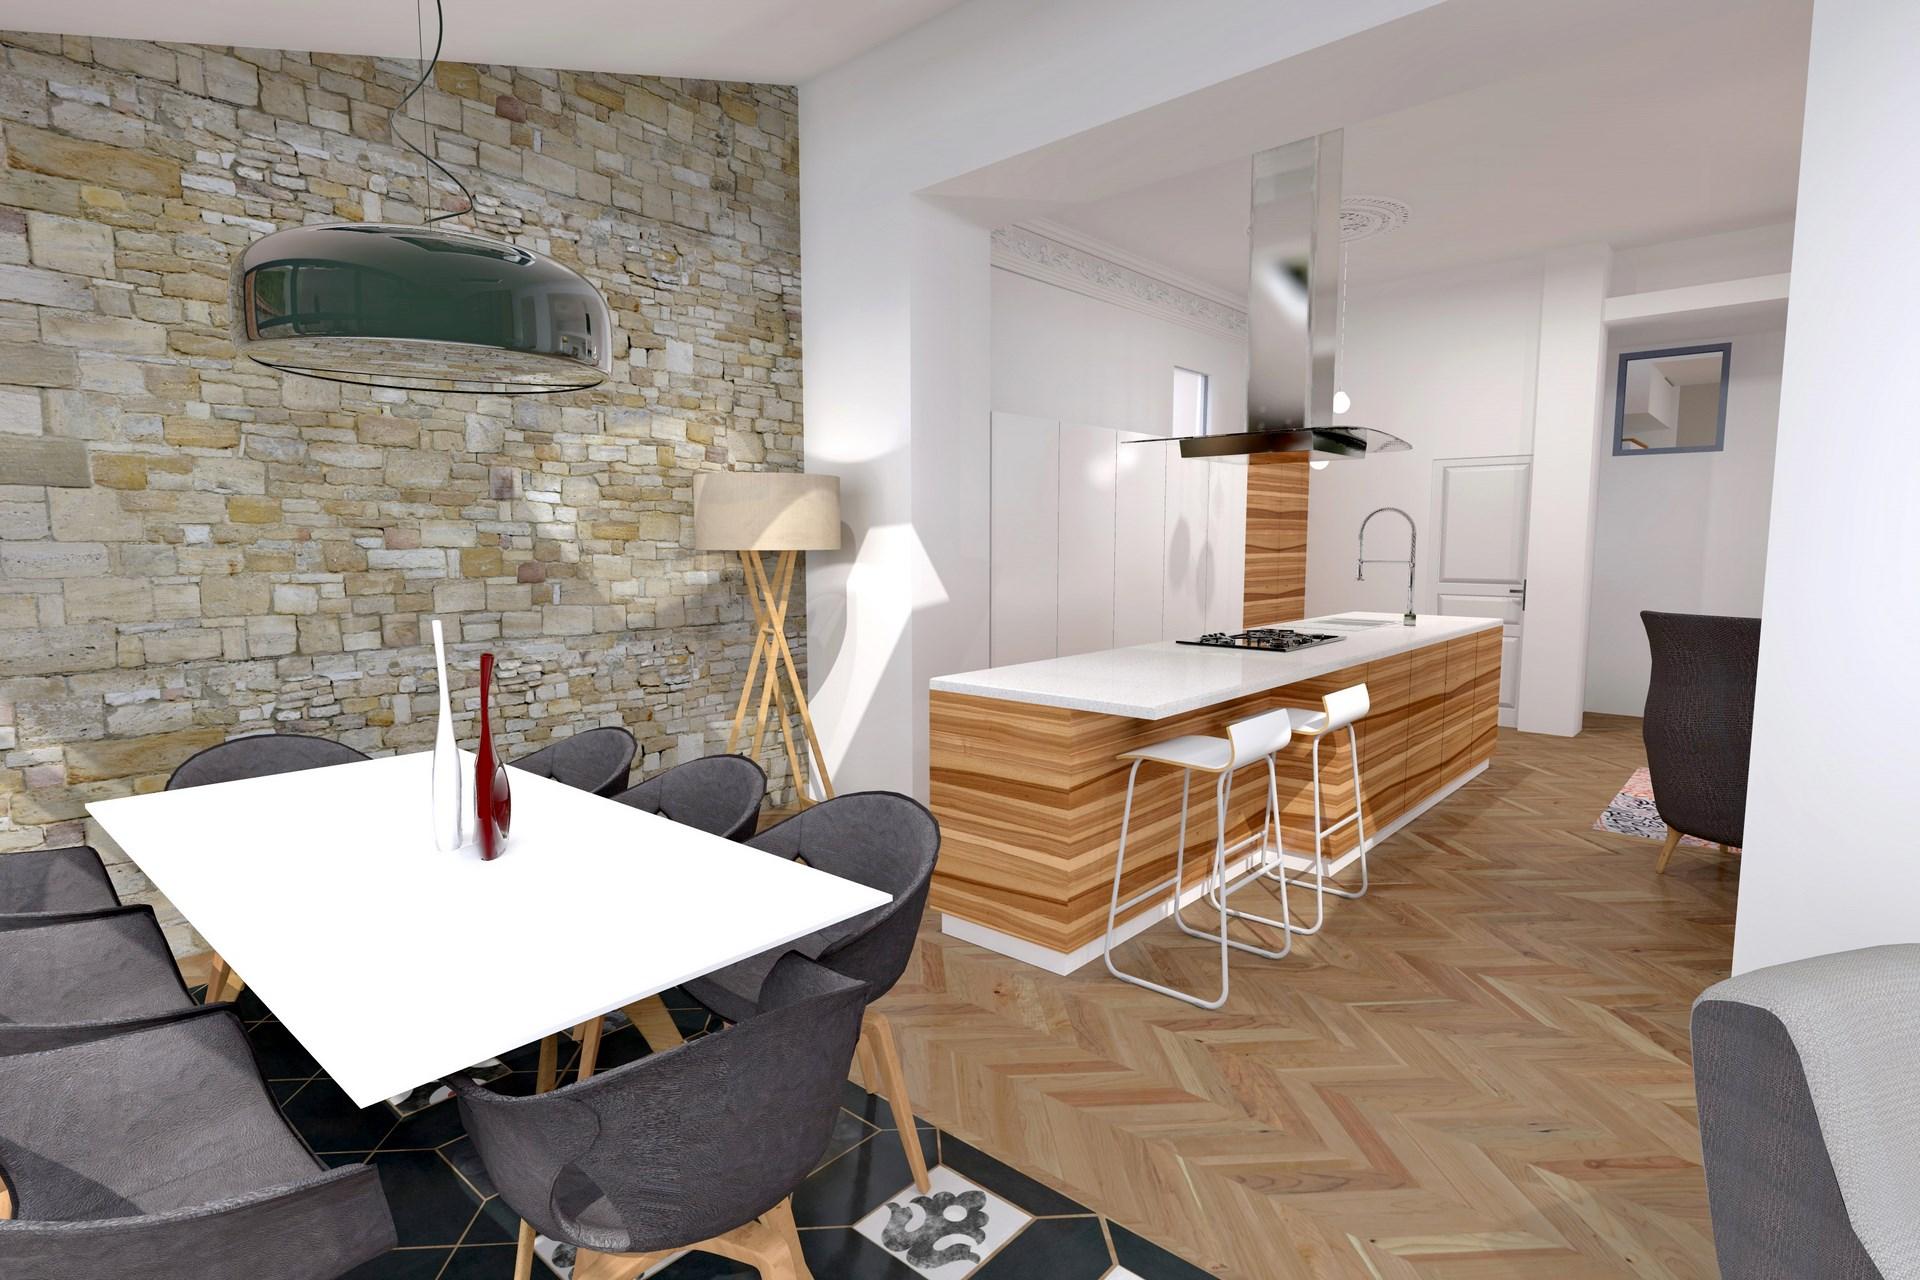 cuisine ouverte mur en pierre agence avous